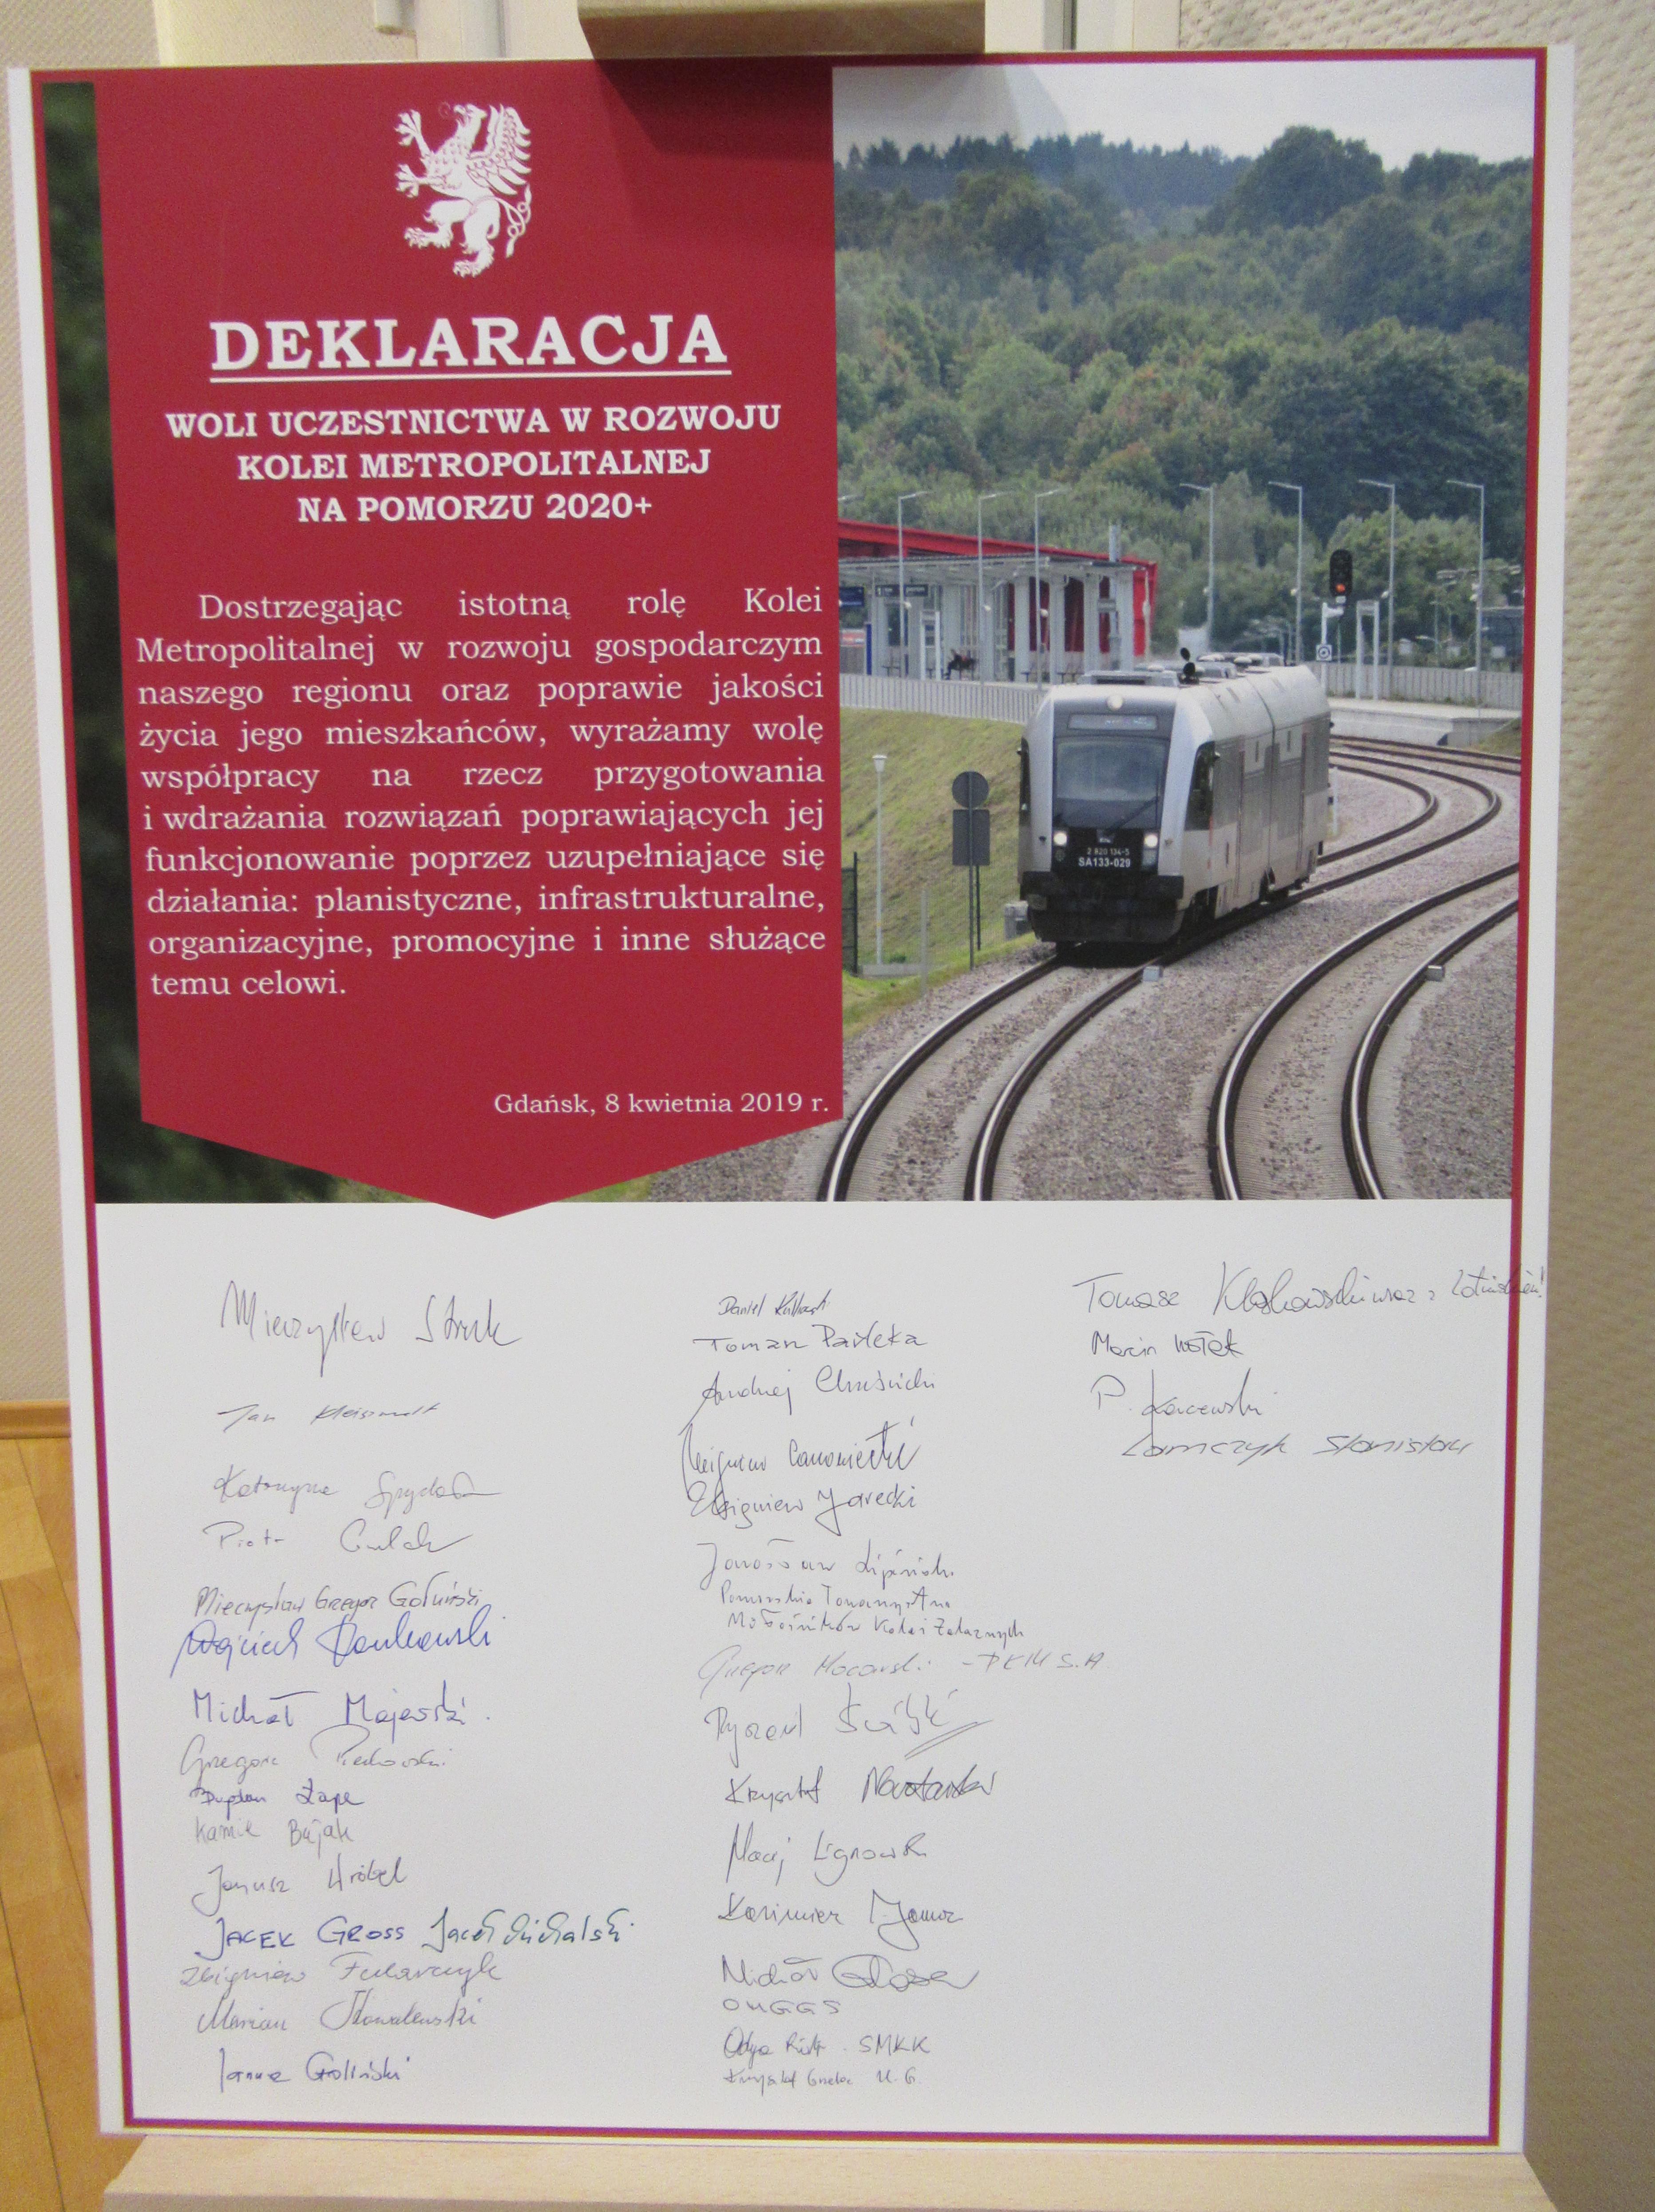 Deklaracja została podpisana 8 kwietnia 2019 r. (fot. Aleksander Olszak)